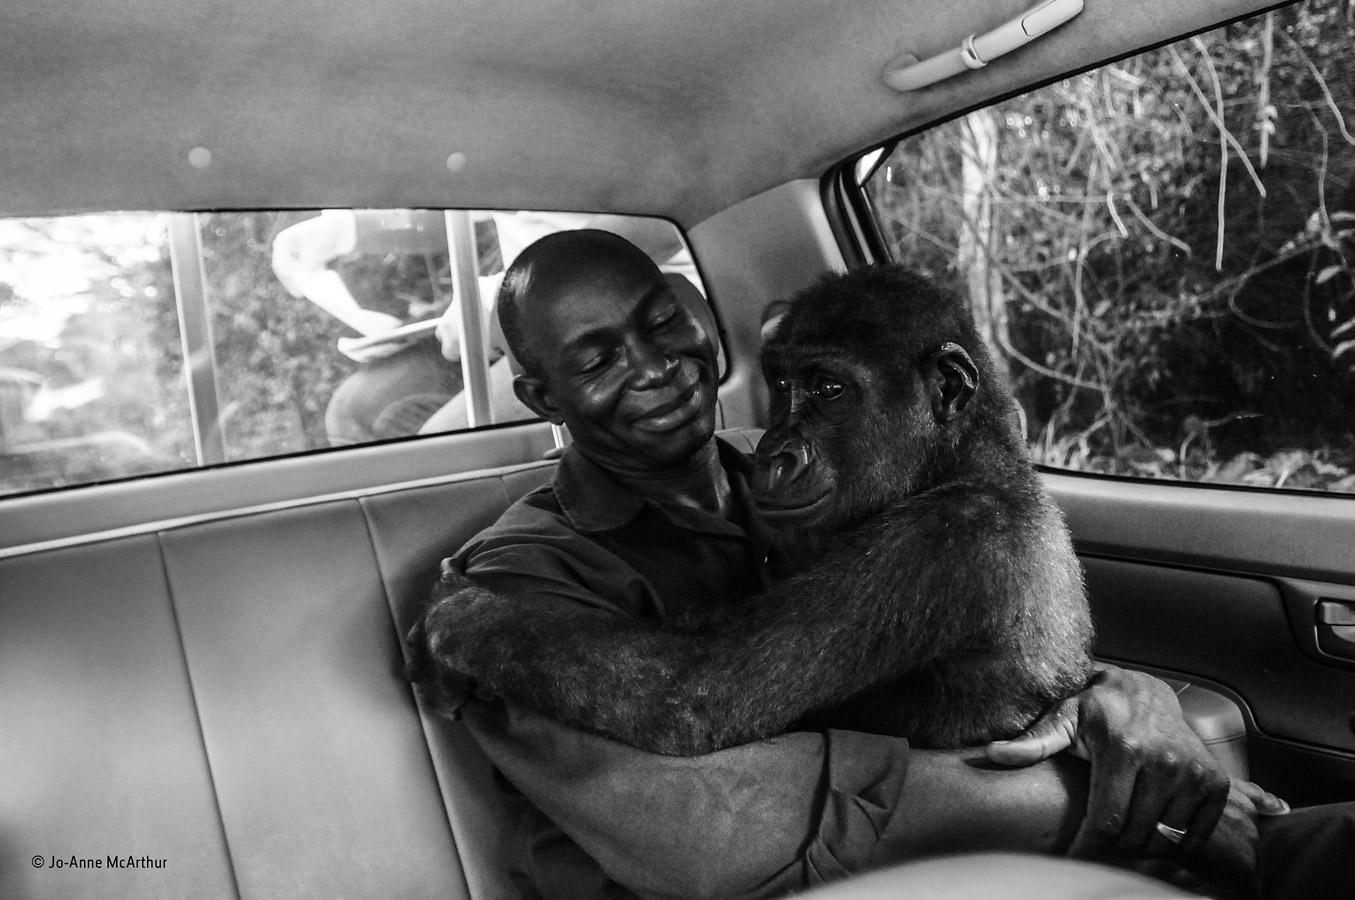 Пикин и Апполинарий, © Джо-Энн МакАртур / Jo-Anne McArthur, Канада, Специальная премия «Народное голосование», Фотоконкурс «Фотограф года живой природы» — Wildlife Photographer of the Year